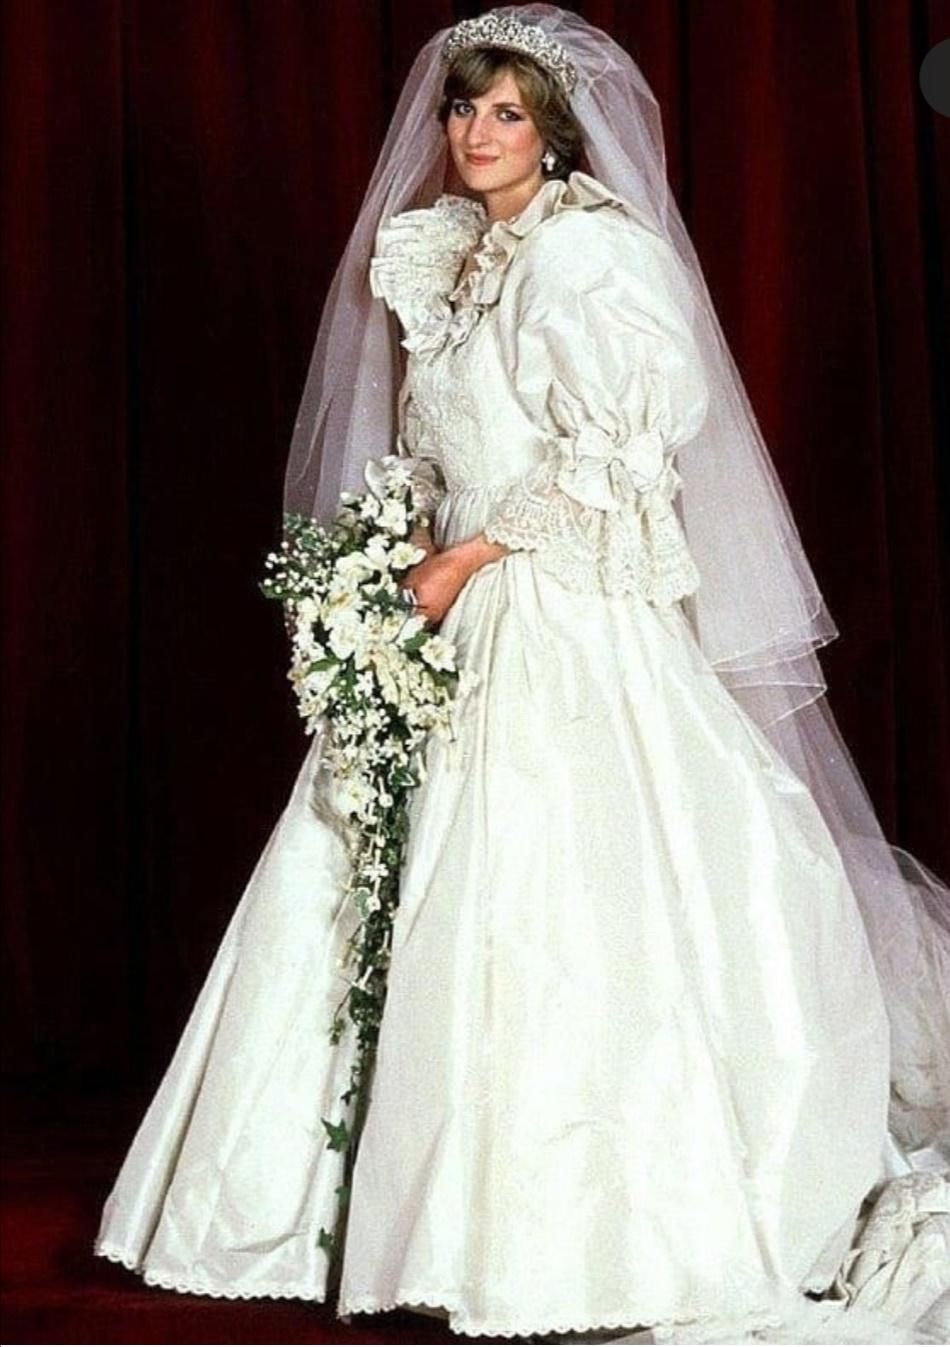 فستان الأميرة ديانا بأكمامه المنتفخة وأقواسه وفتحاته من الدانتيل- الصورة من إنستغرام